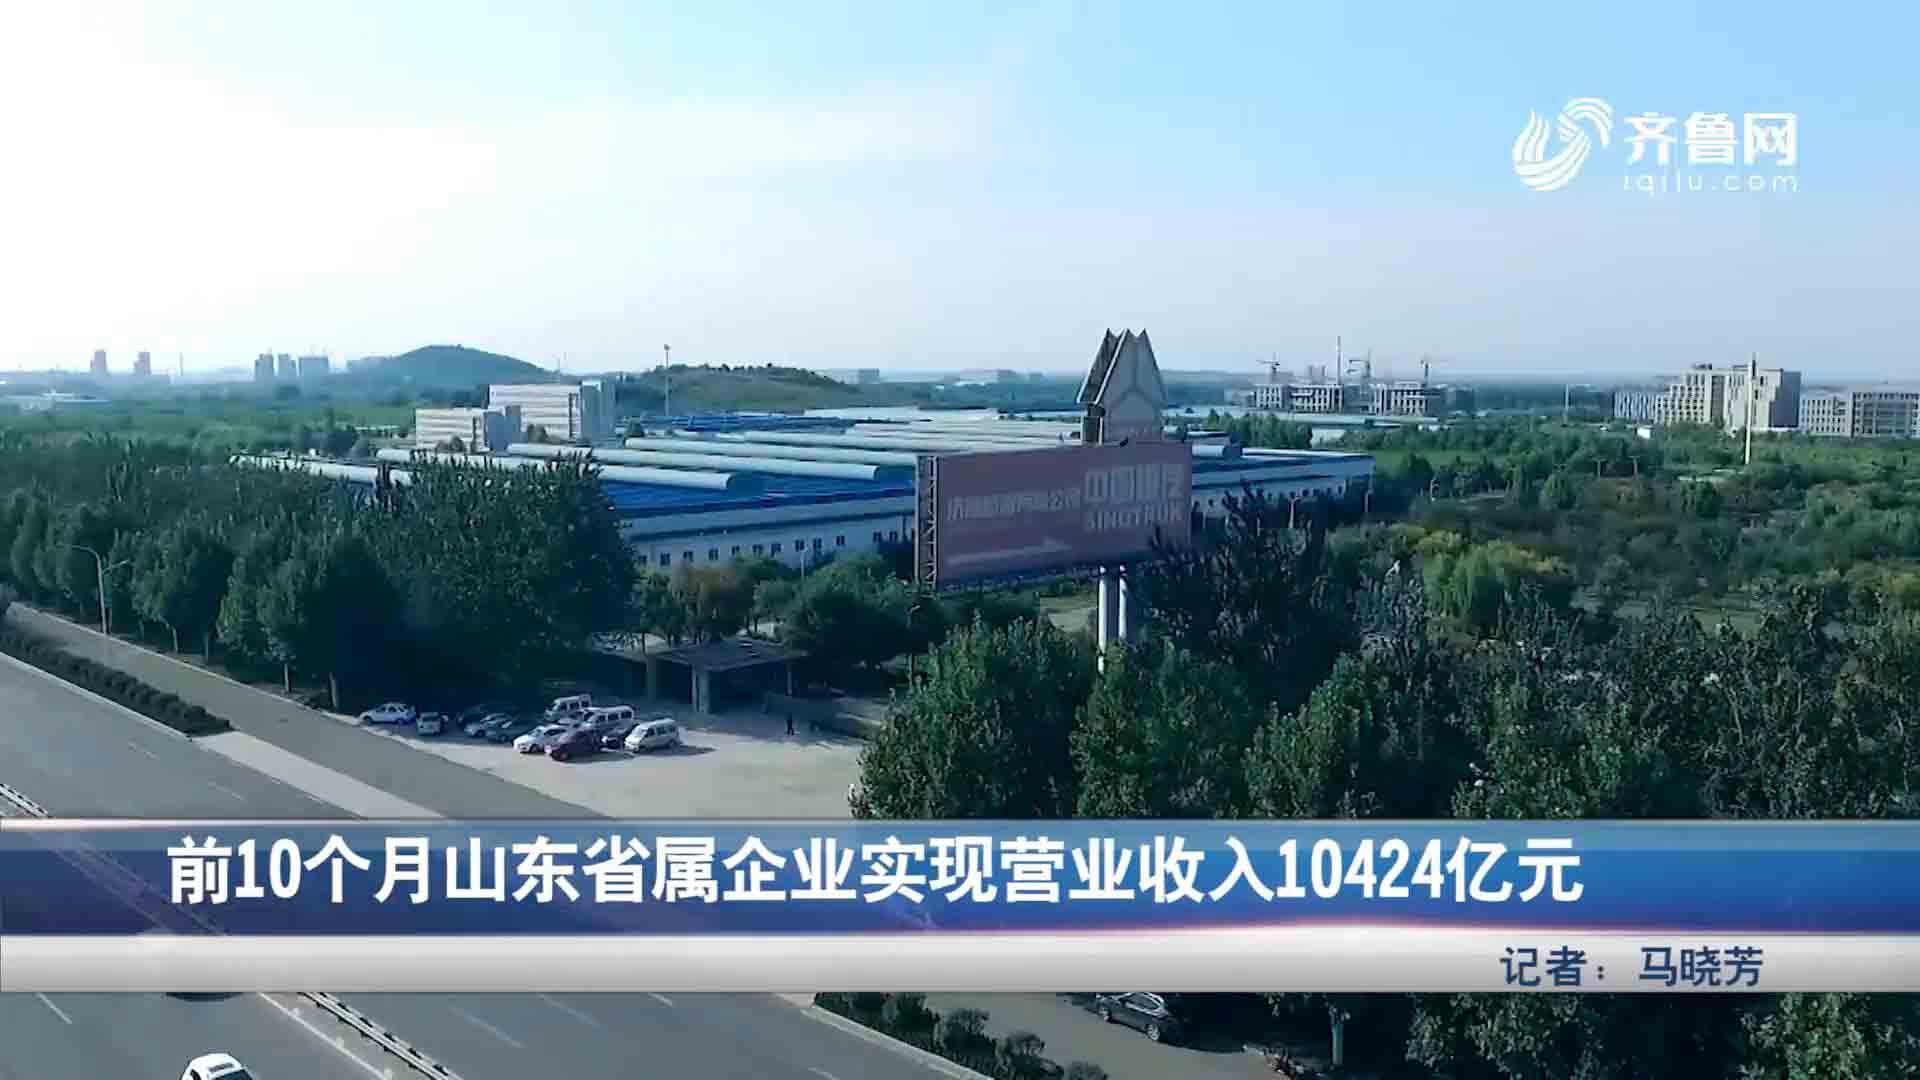 前十个月山东省属企业实现营业收入10424亿元